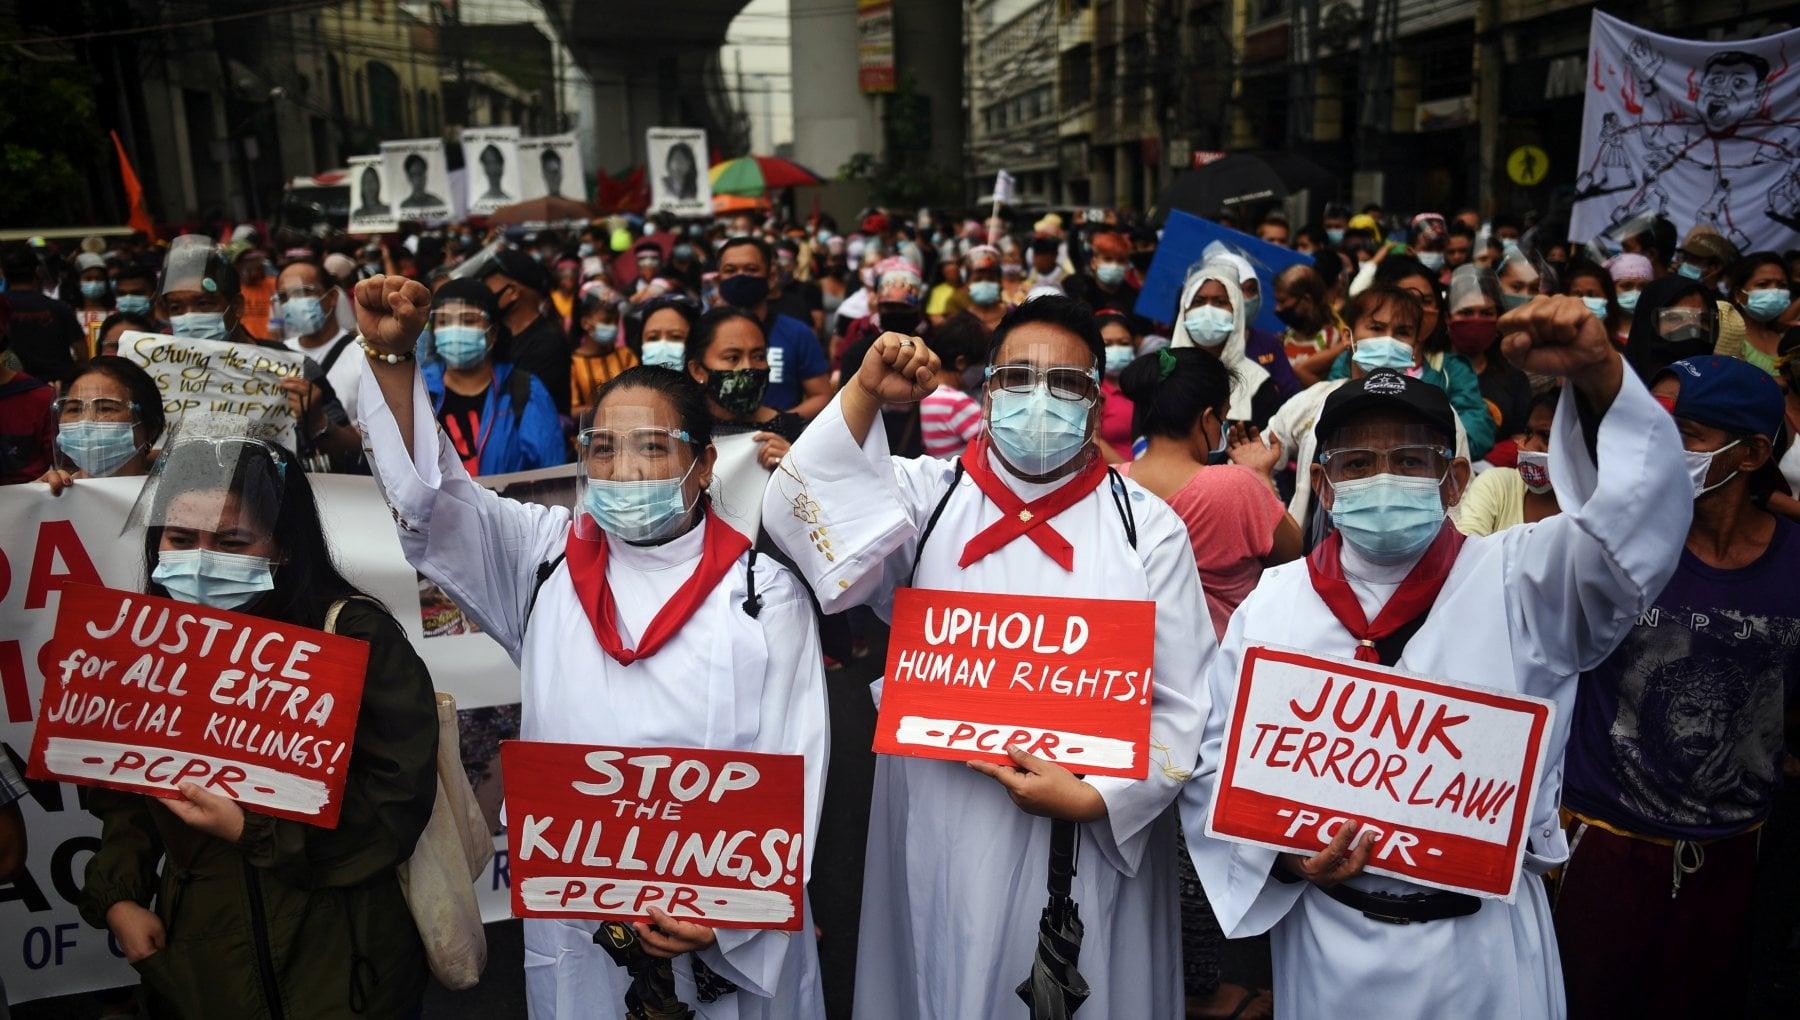 Giornata mondiale dei diritti umani Mattarella La tutela dei diritti della persona sia al centro della risposta alla pandemia